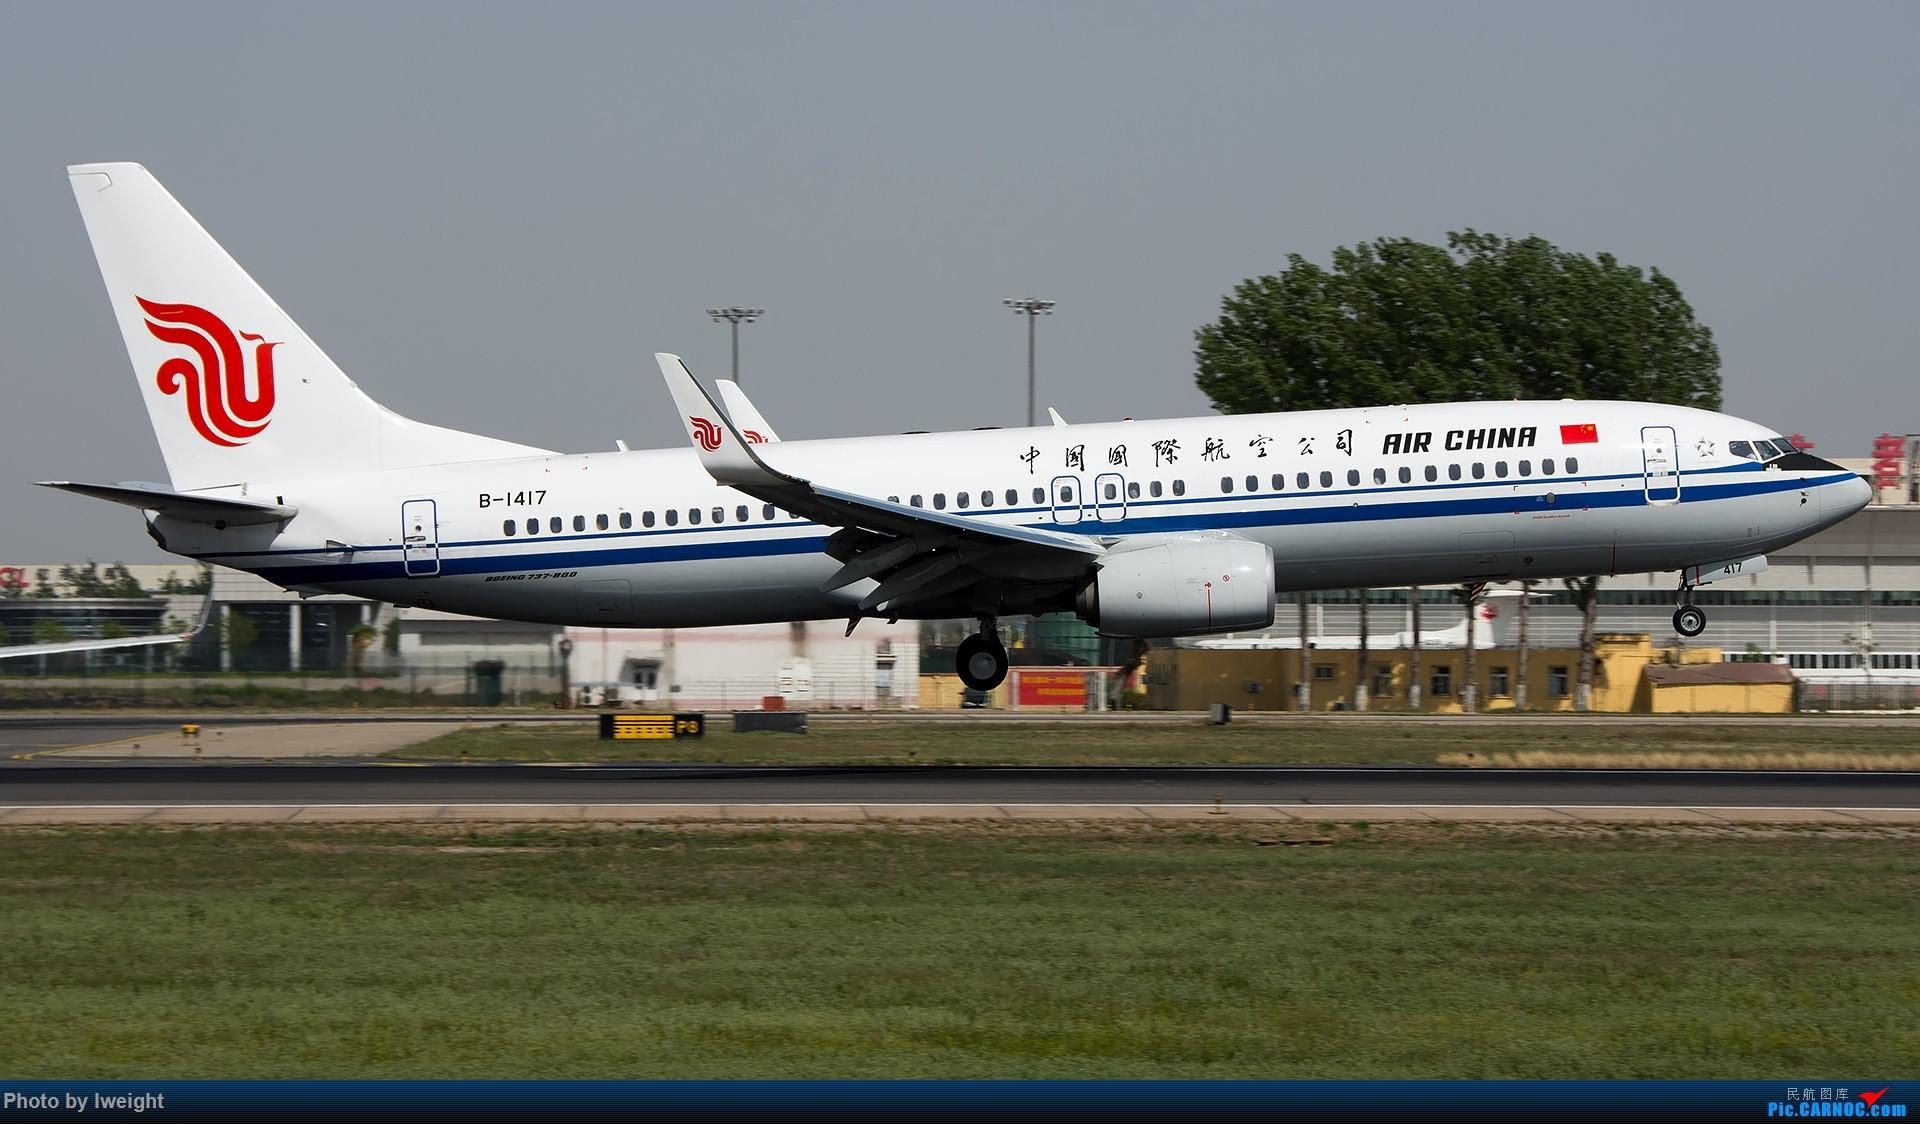 Re:[原创]天气晴朗,继续守候18R【多图】 BOEING 737-800 B-1417 中国北京首都国际机场